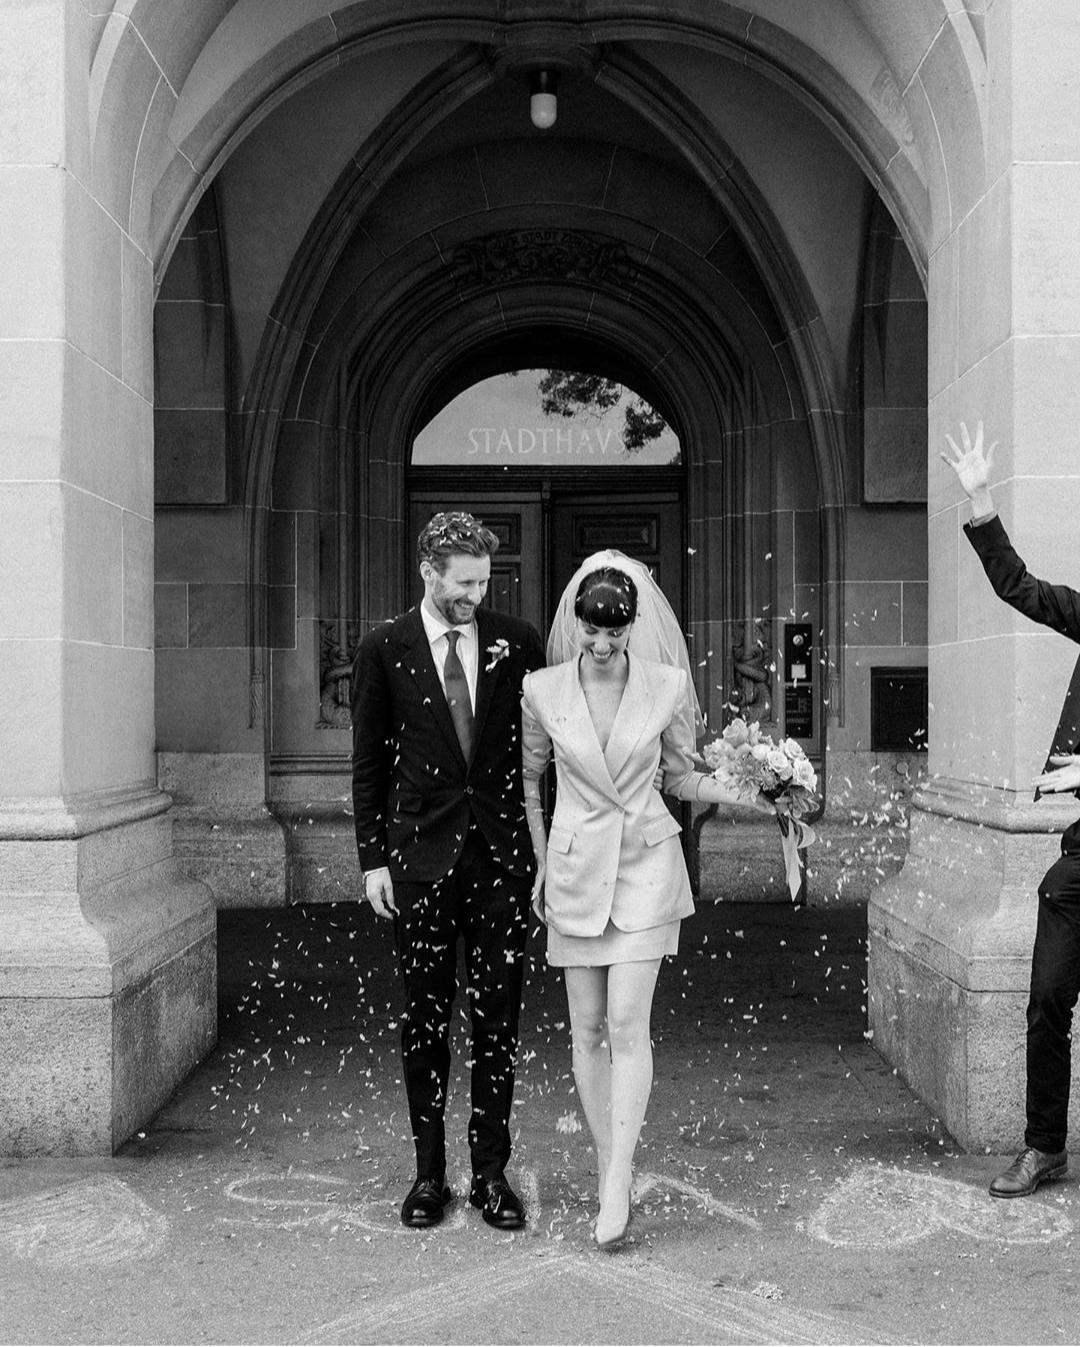 Para las fotos de su boda, Amy Merrick ha elegido a la artista suiza Molly Zaidman, conocida por trabajar con las imágenes analógicas y la luz natural. Foto: Molly Zaidman.